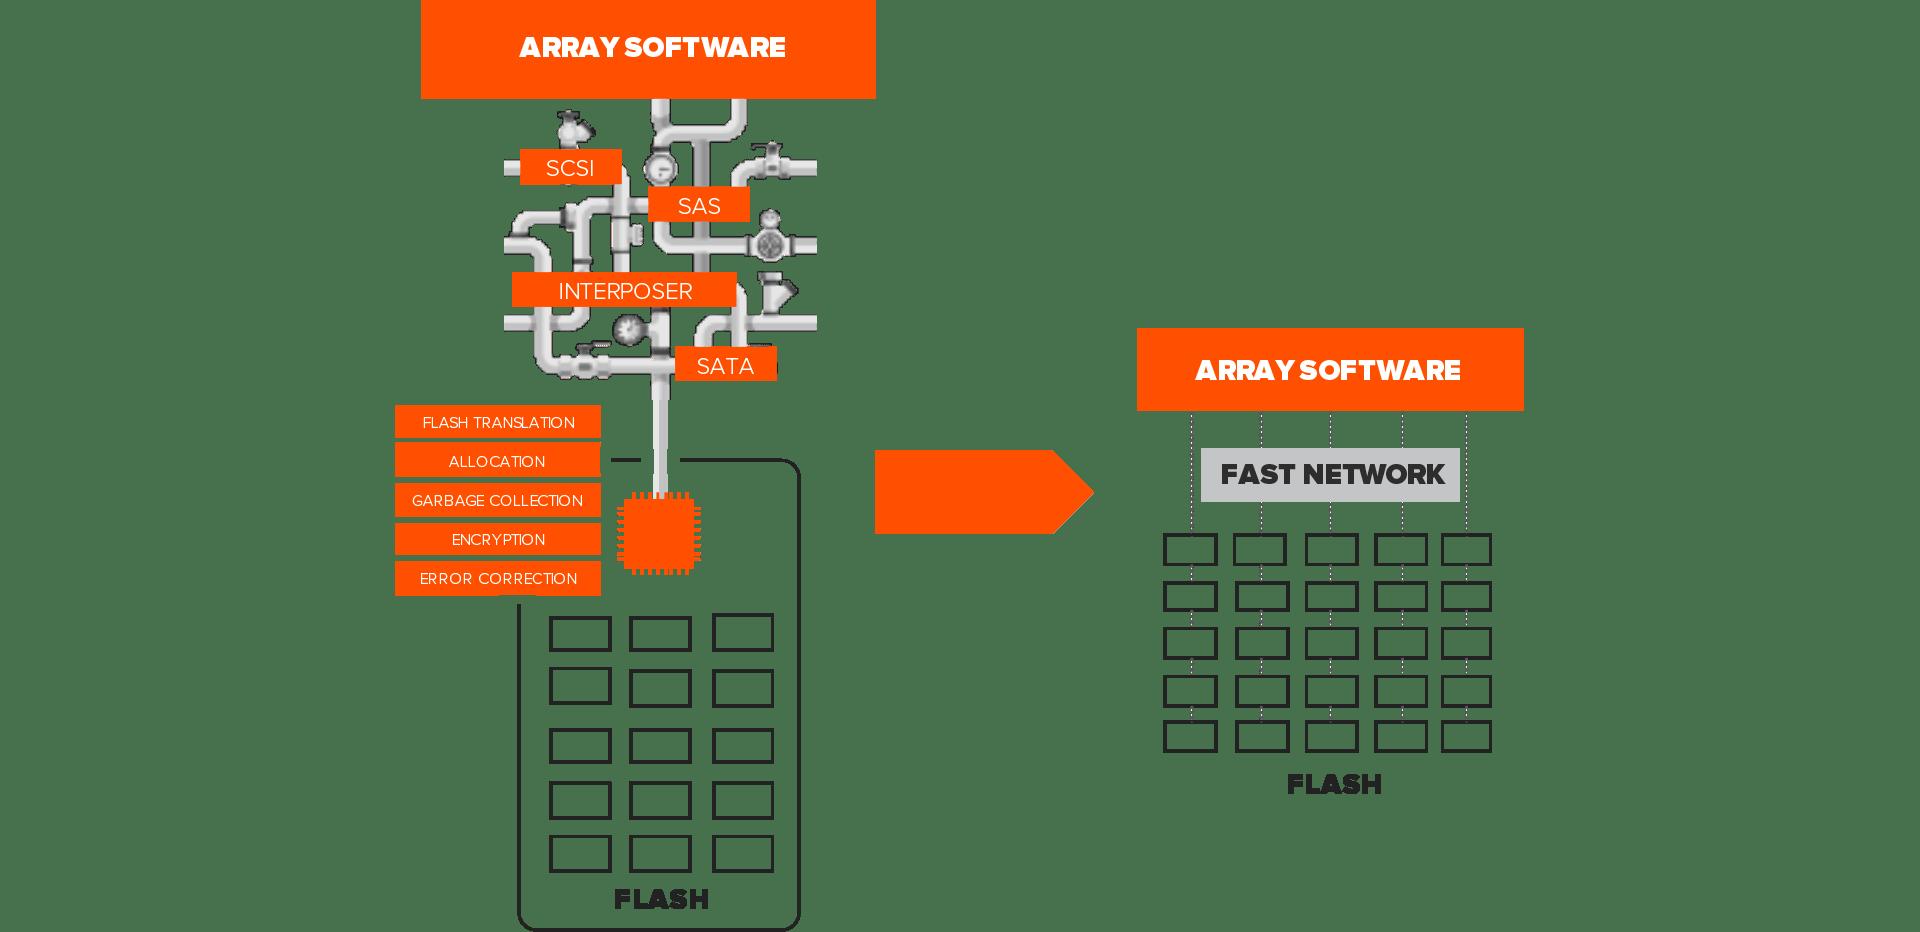 công nghệ NVME FLASH của Pure Storage